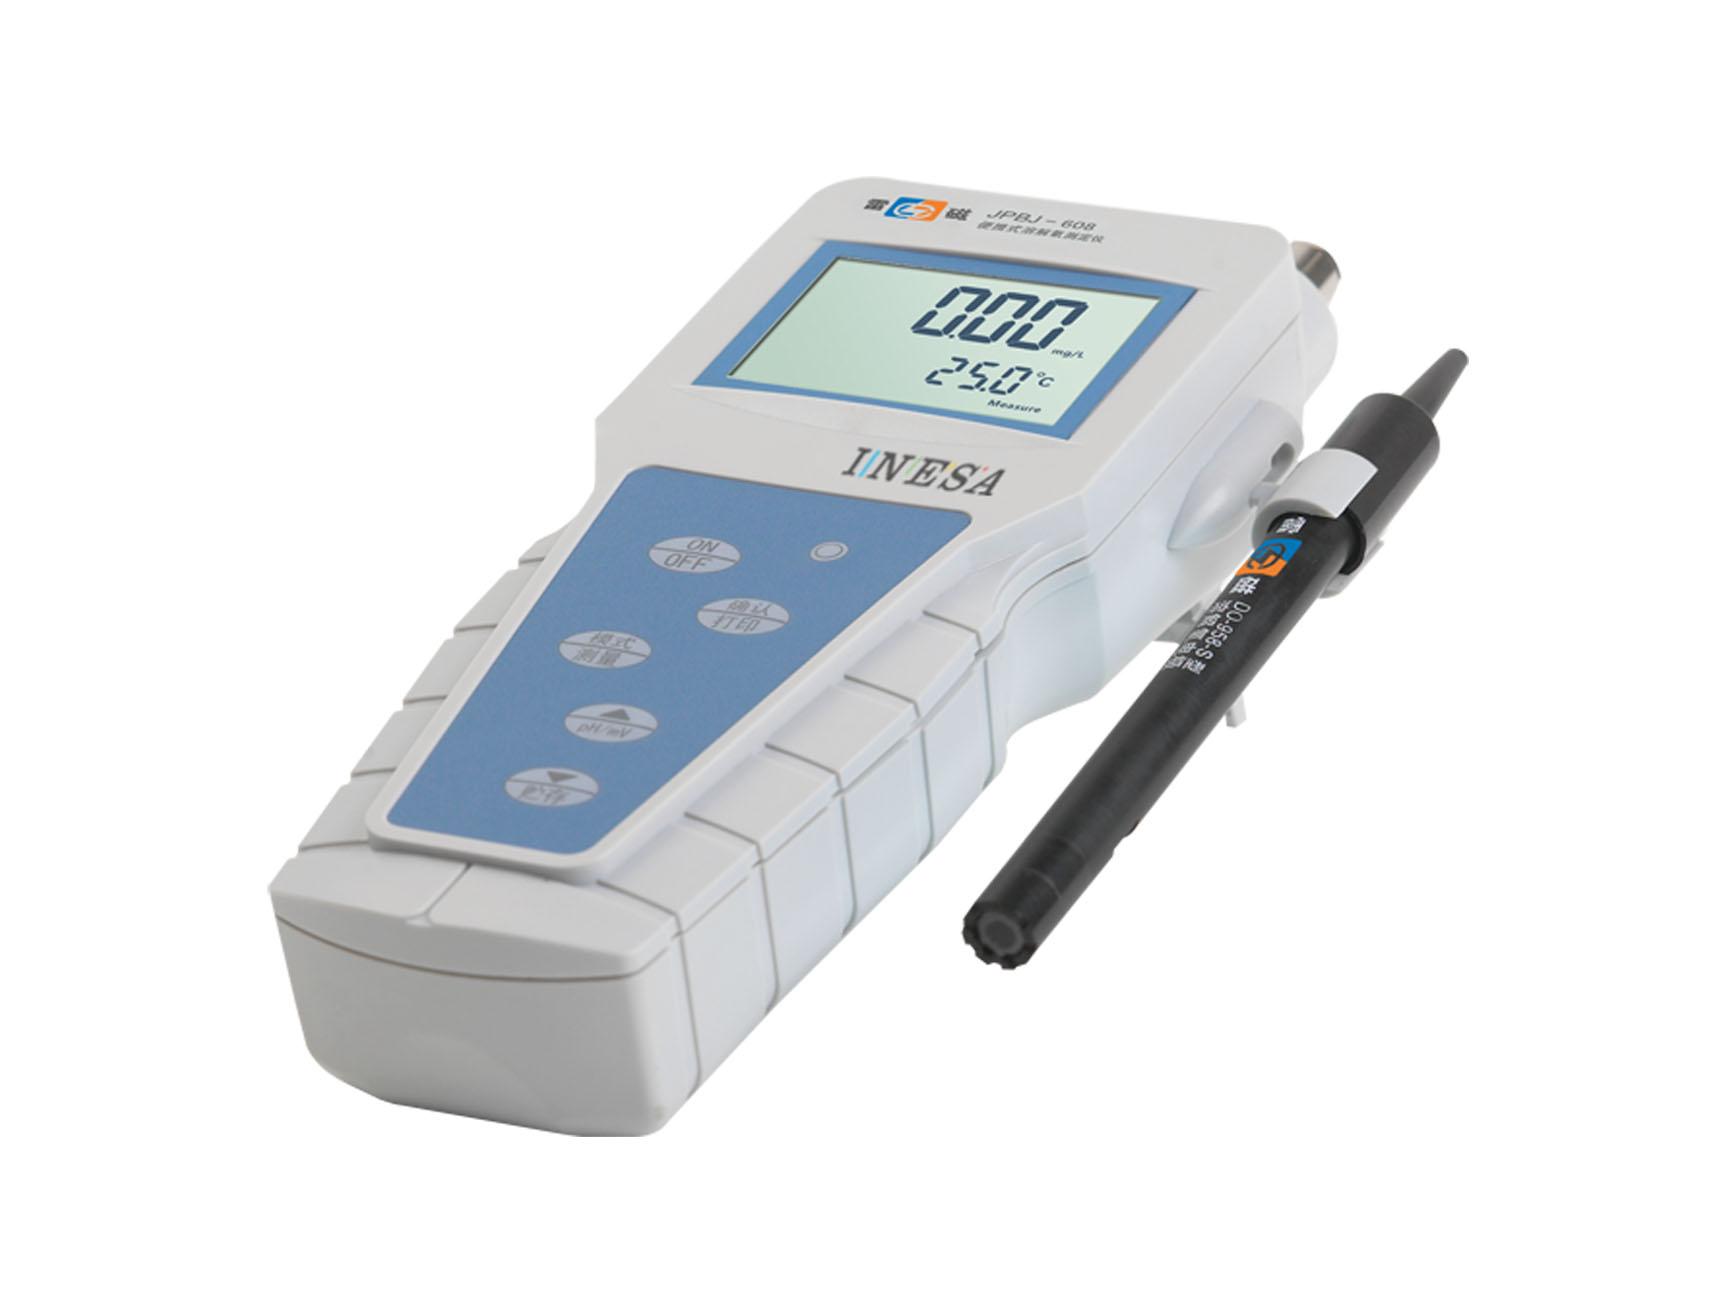 上海雷磁JPBJ-608便携式溶解氧分析仪